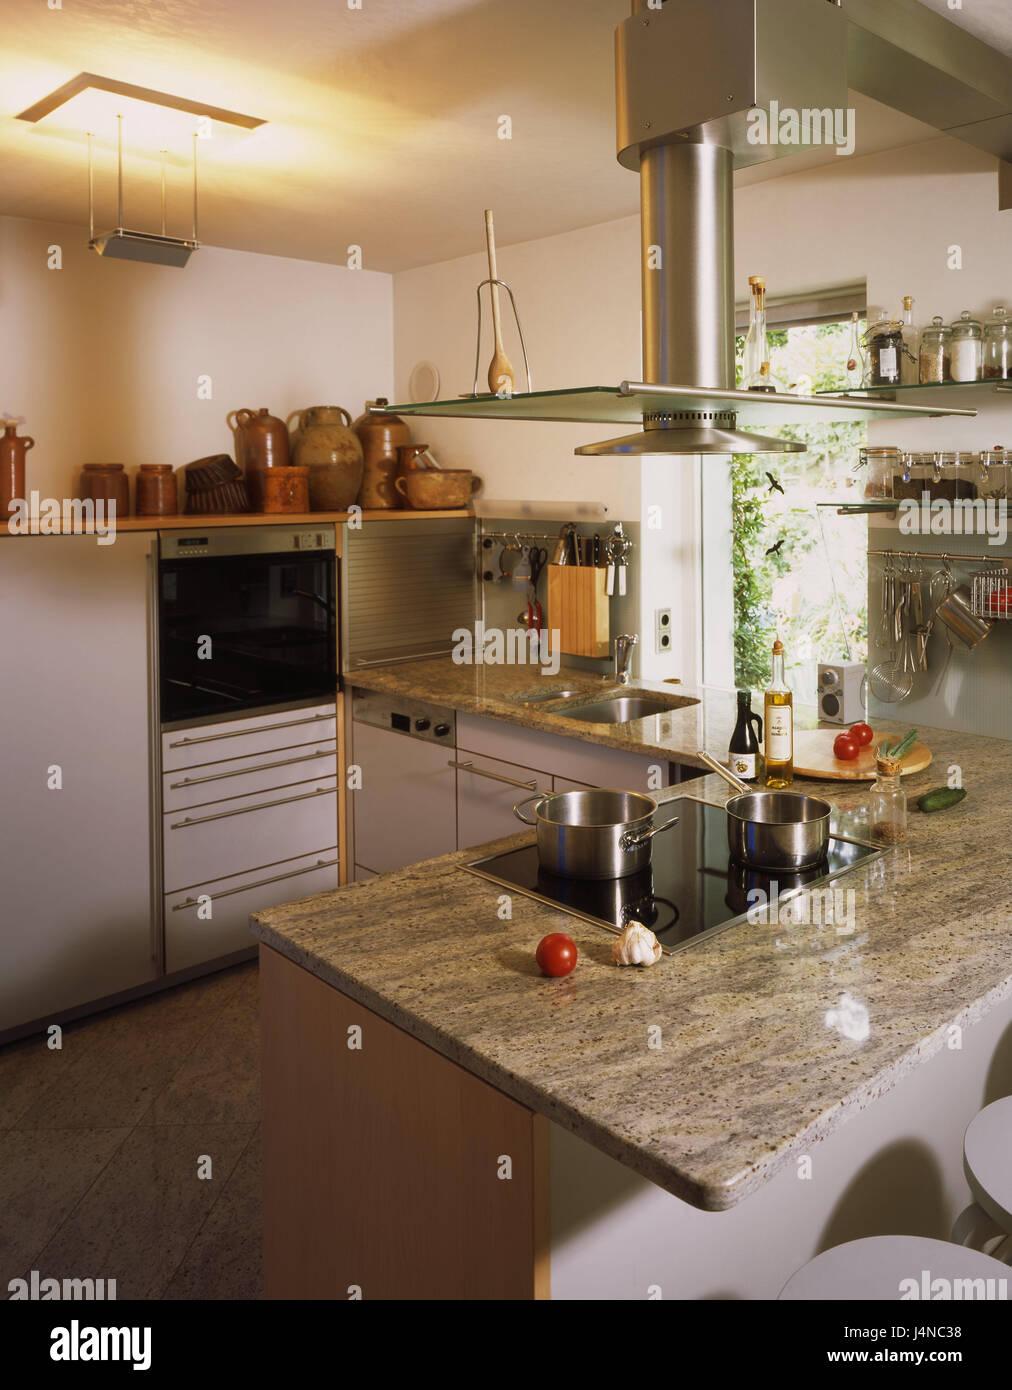 Küche, Einrichtung, moderne, Wohnküche Zimmer, Küche, Insel ...